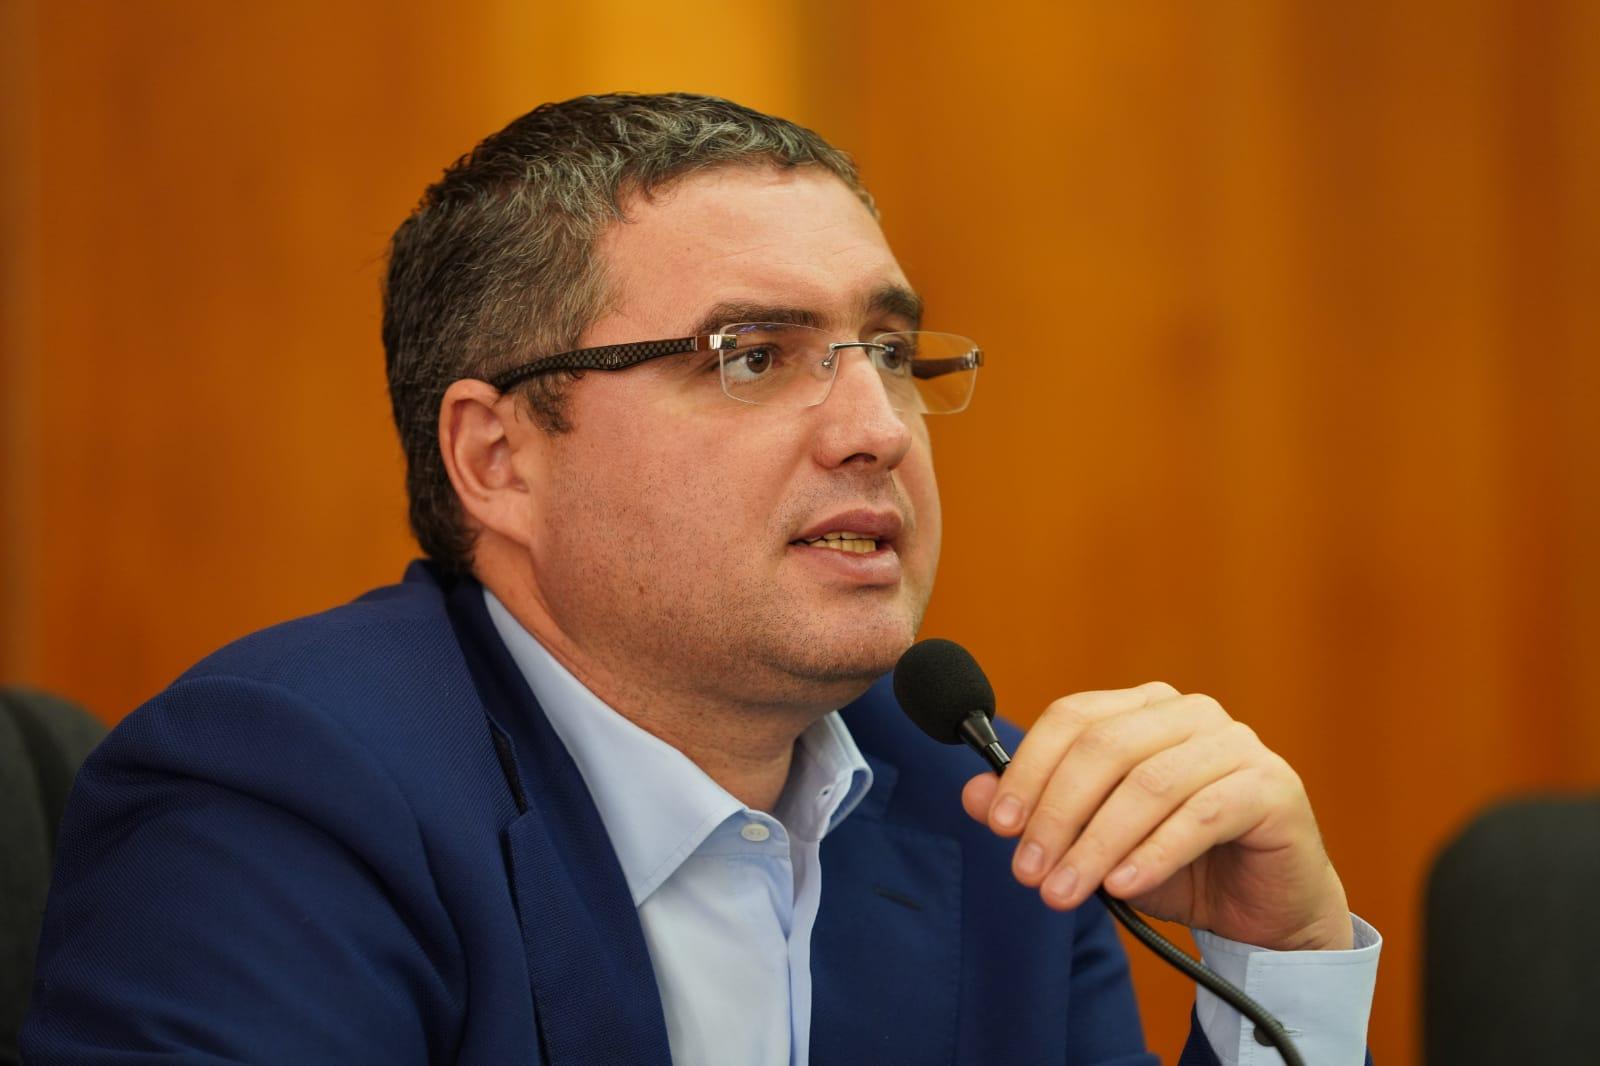 Усатый: Мне предлагали самую крупную взятку в истории Молдовы